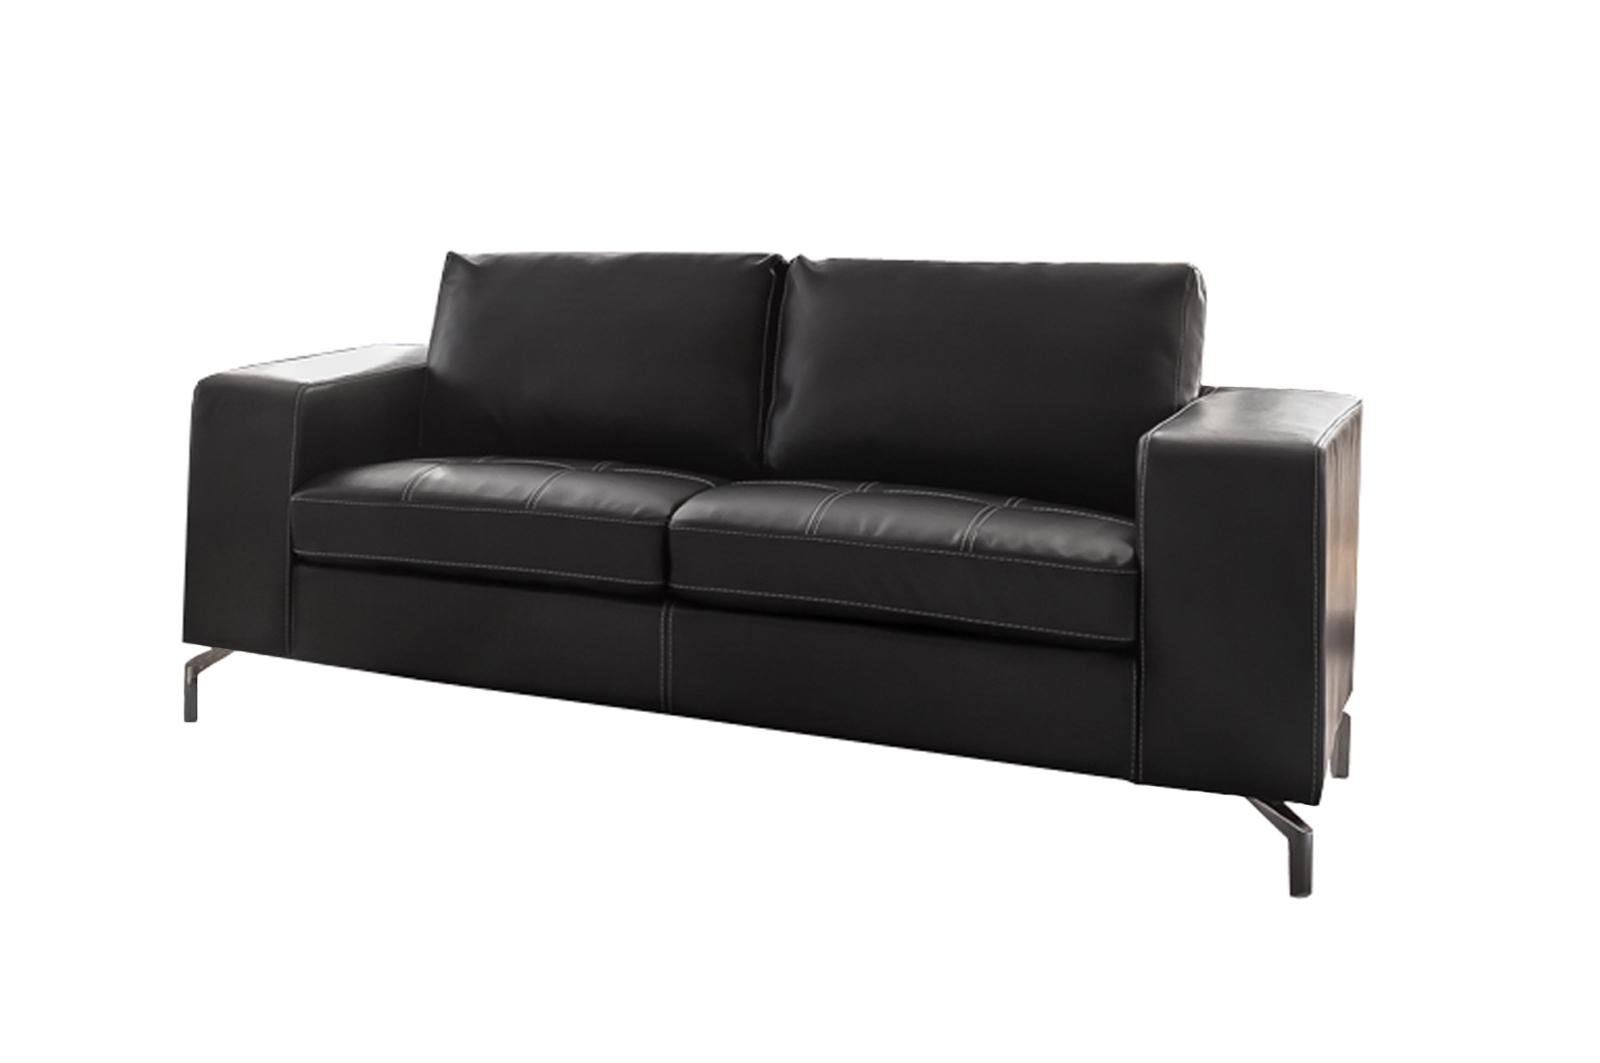 Full Size of Sale Couch 2 Sitzer Sofa Dunkelgrau Belair Gnstig Xxl Günstig Big Sam Vitra Aus Matratzen Ikea Mit Schlaffunktion Breit Garten Loungemöbel Freistil Benz Sofa Sofa Günstig